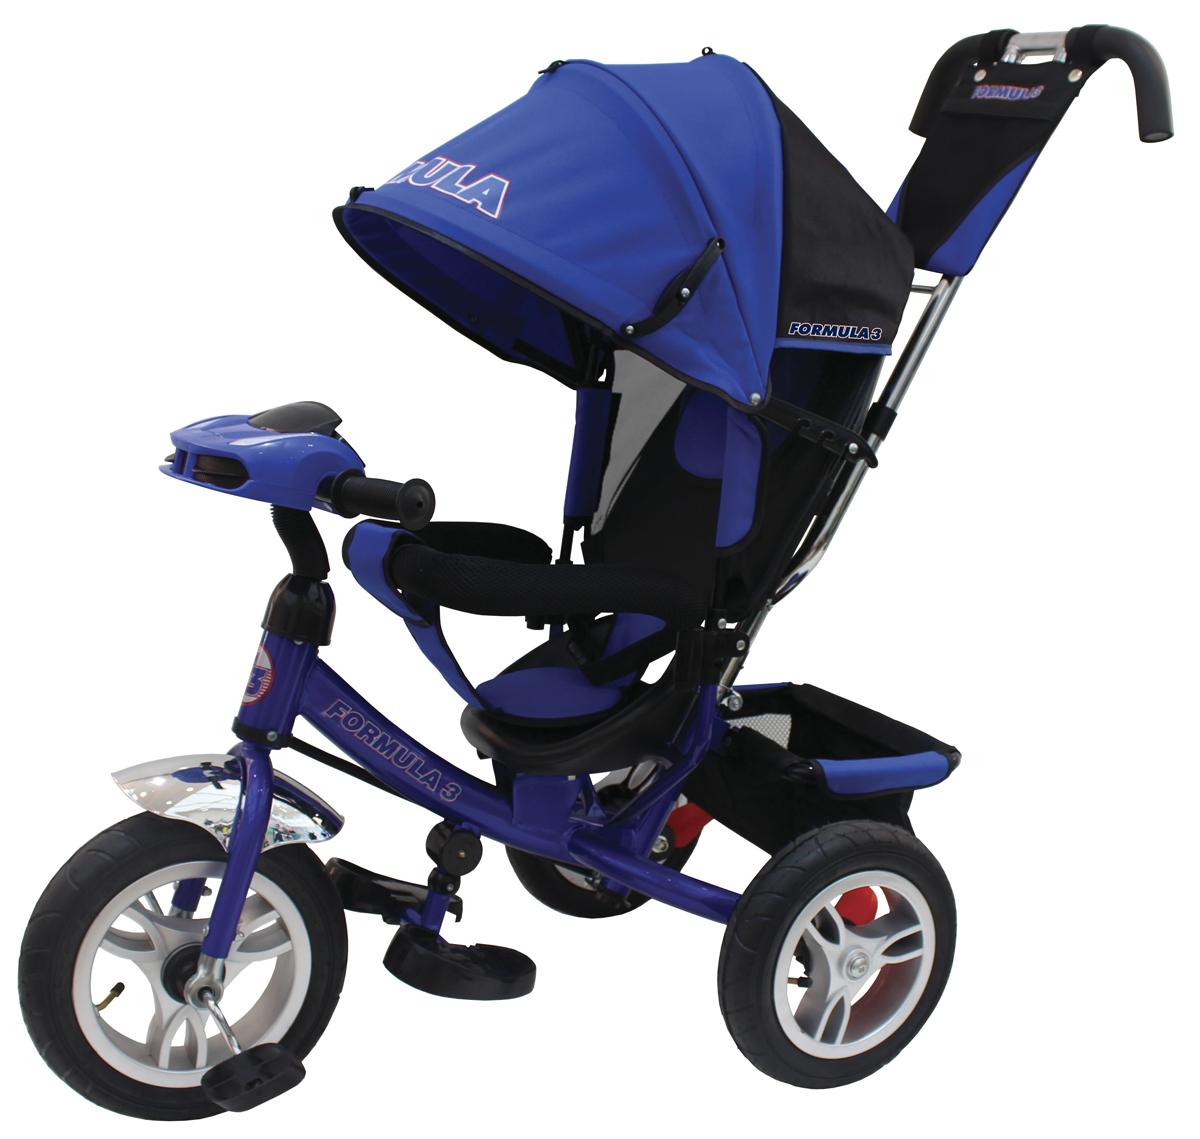 Formula 3 Велосипед трехколесный цвет синий FA3B велосипед 3 х колесный puky трехколесный велосипед cat 1l capt n sharky